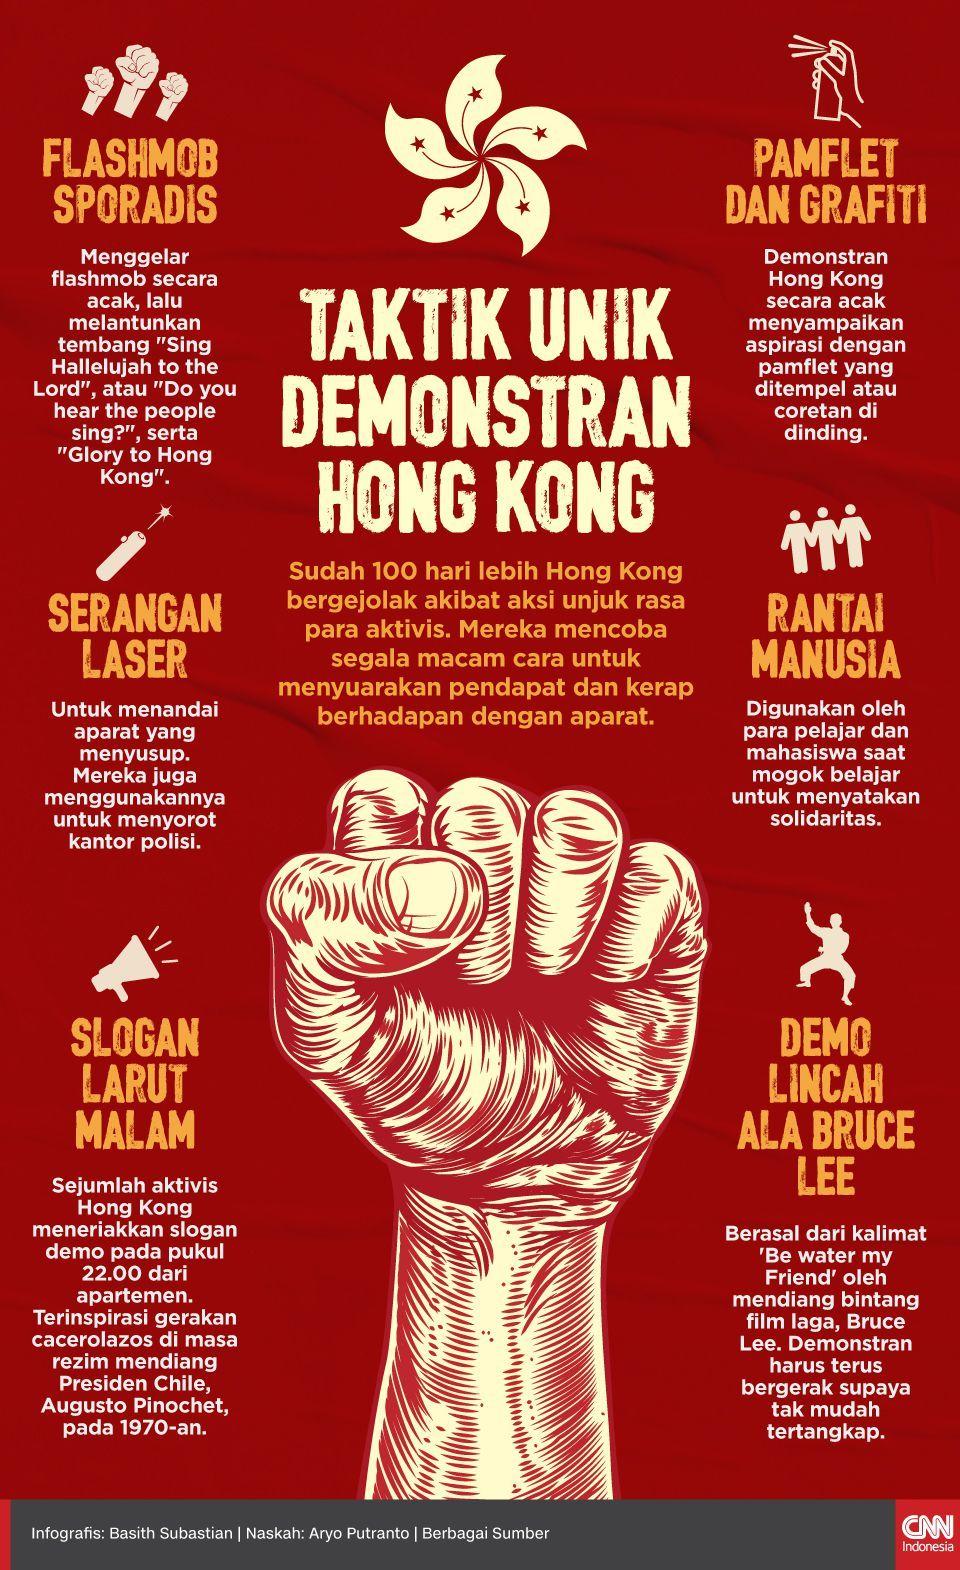 Infografis Taktik Unik Demonstran Hong Kong